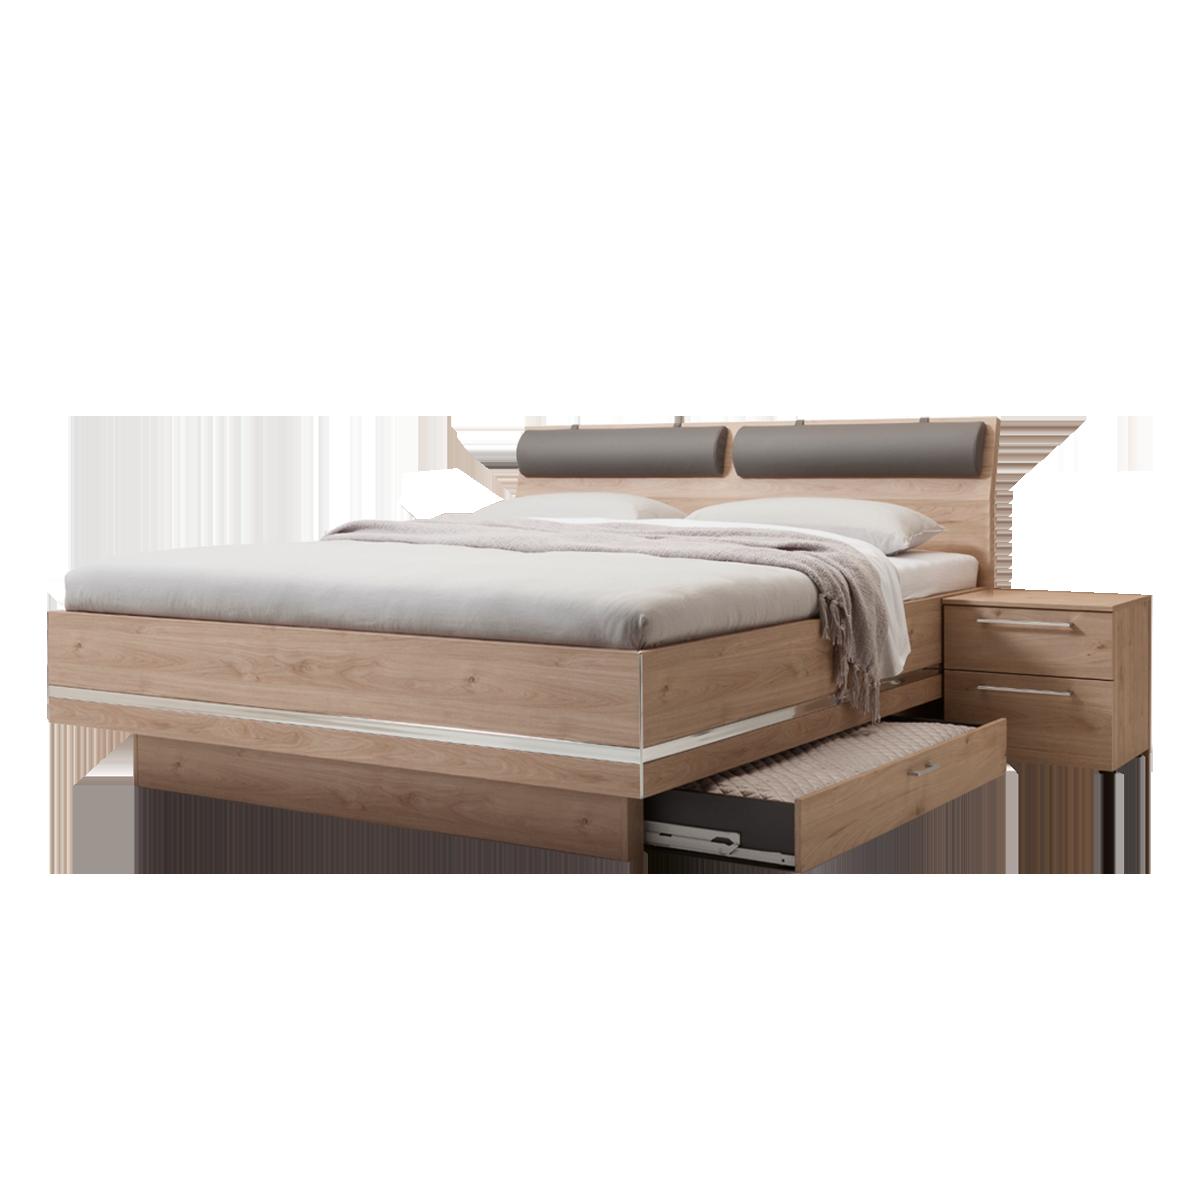 Full Size of Nolte Betten Bett Sonyo 200x200 Kopfteil 180x200 Bettenparadies 140x200 Hagen Germersheim Preise Essen Plus Mbel Concept Me 500 Bettanlage Mit Bettksten In Bett Nolte Betten